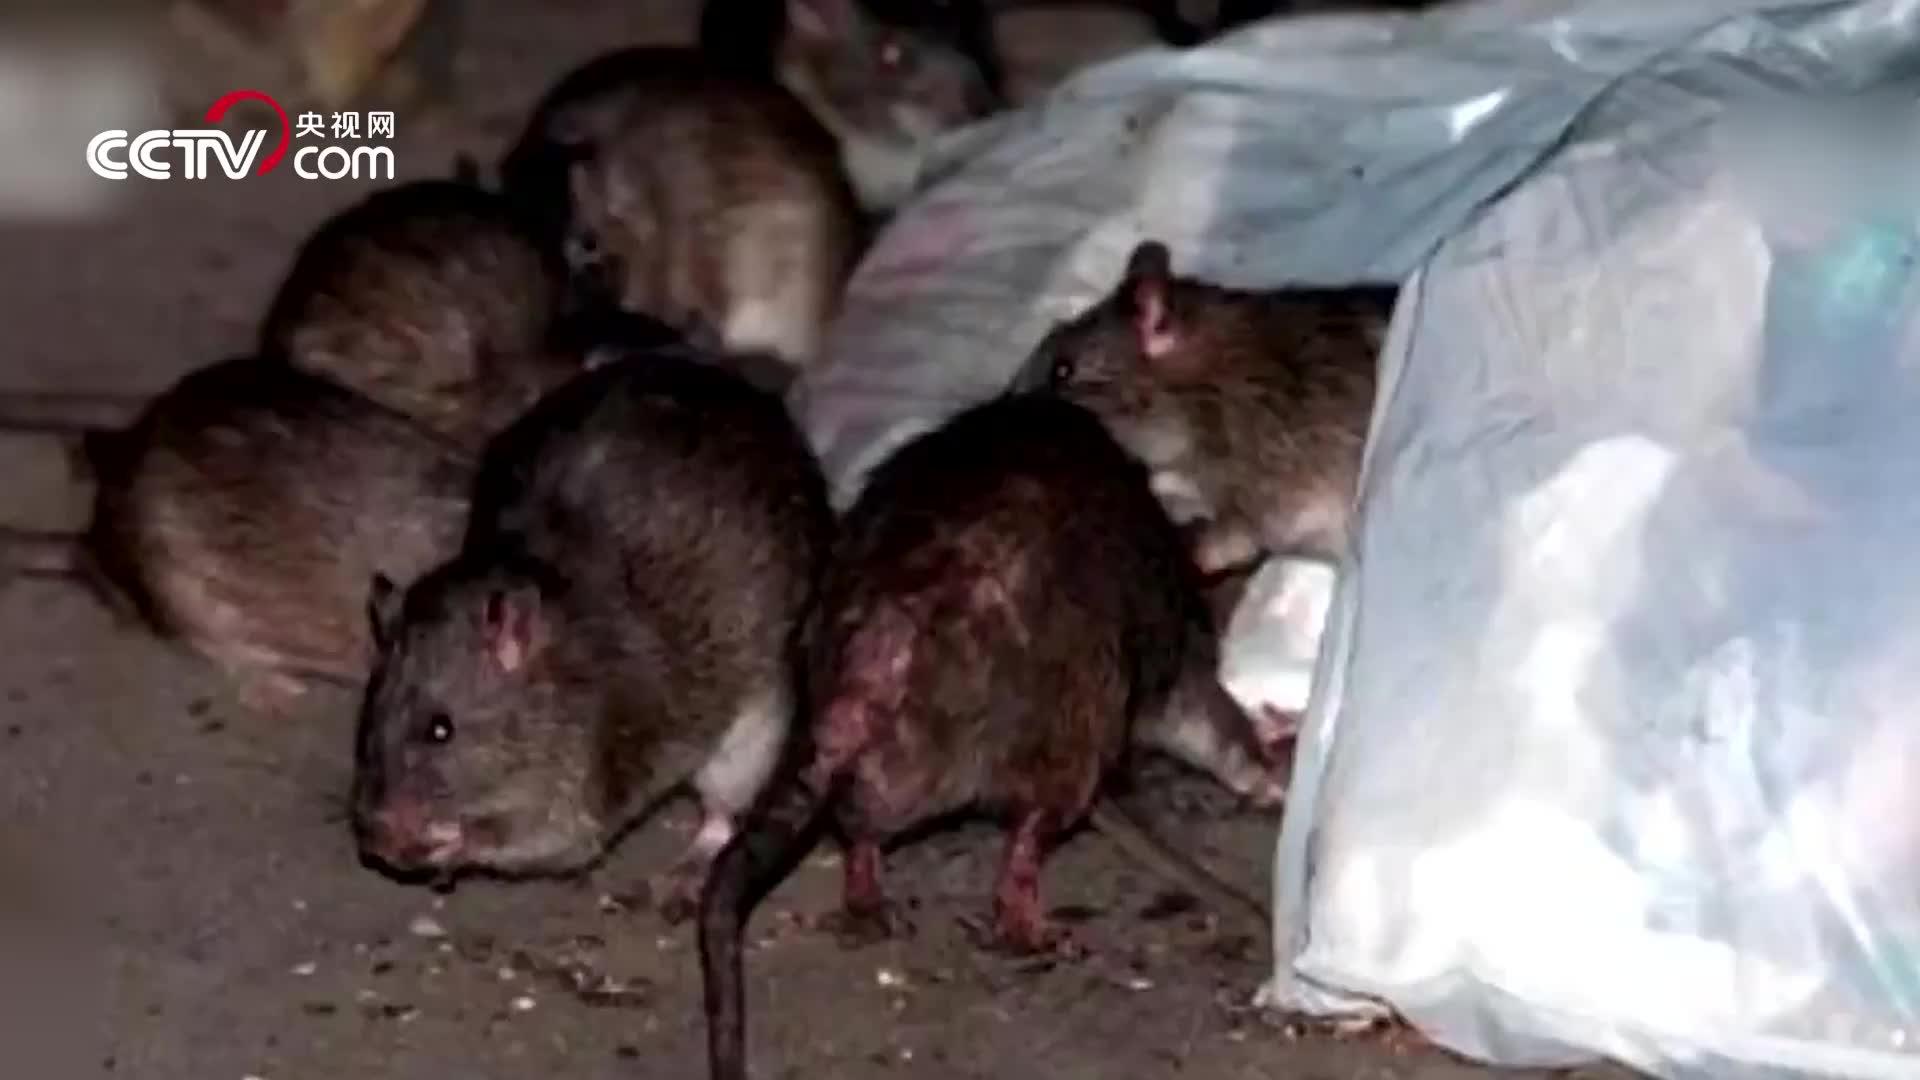 [视频]老鼠的破坏力有多强?三层楼房都被啃塌了